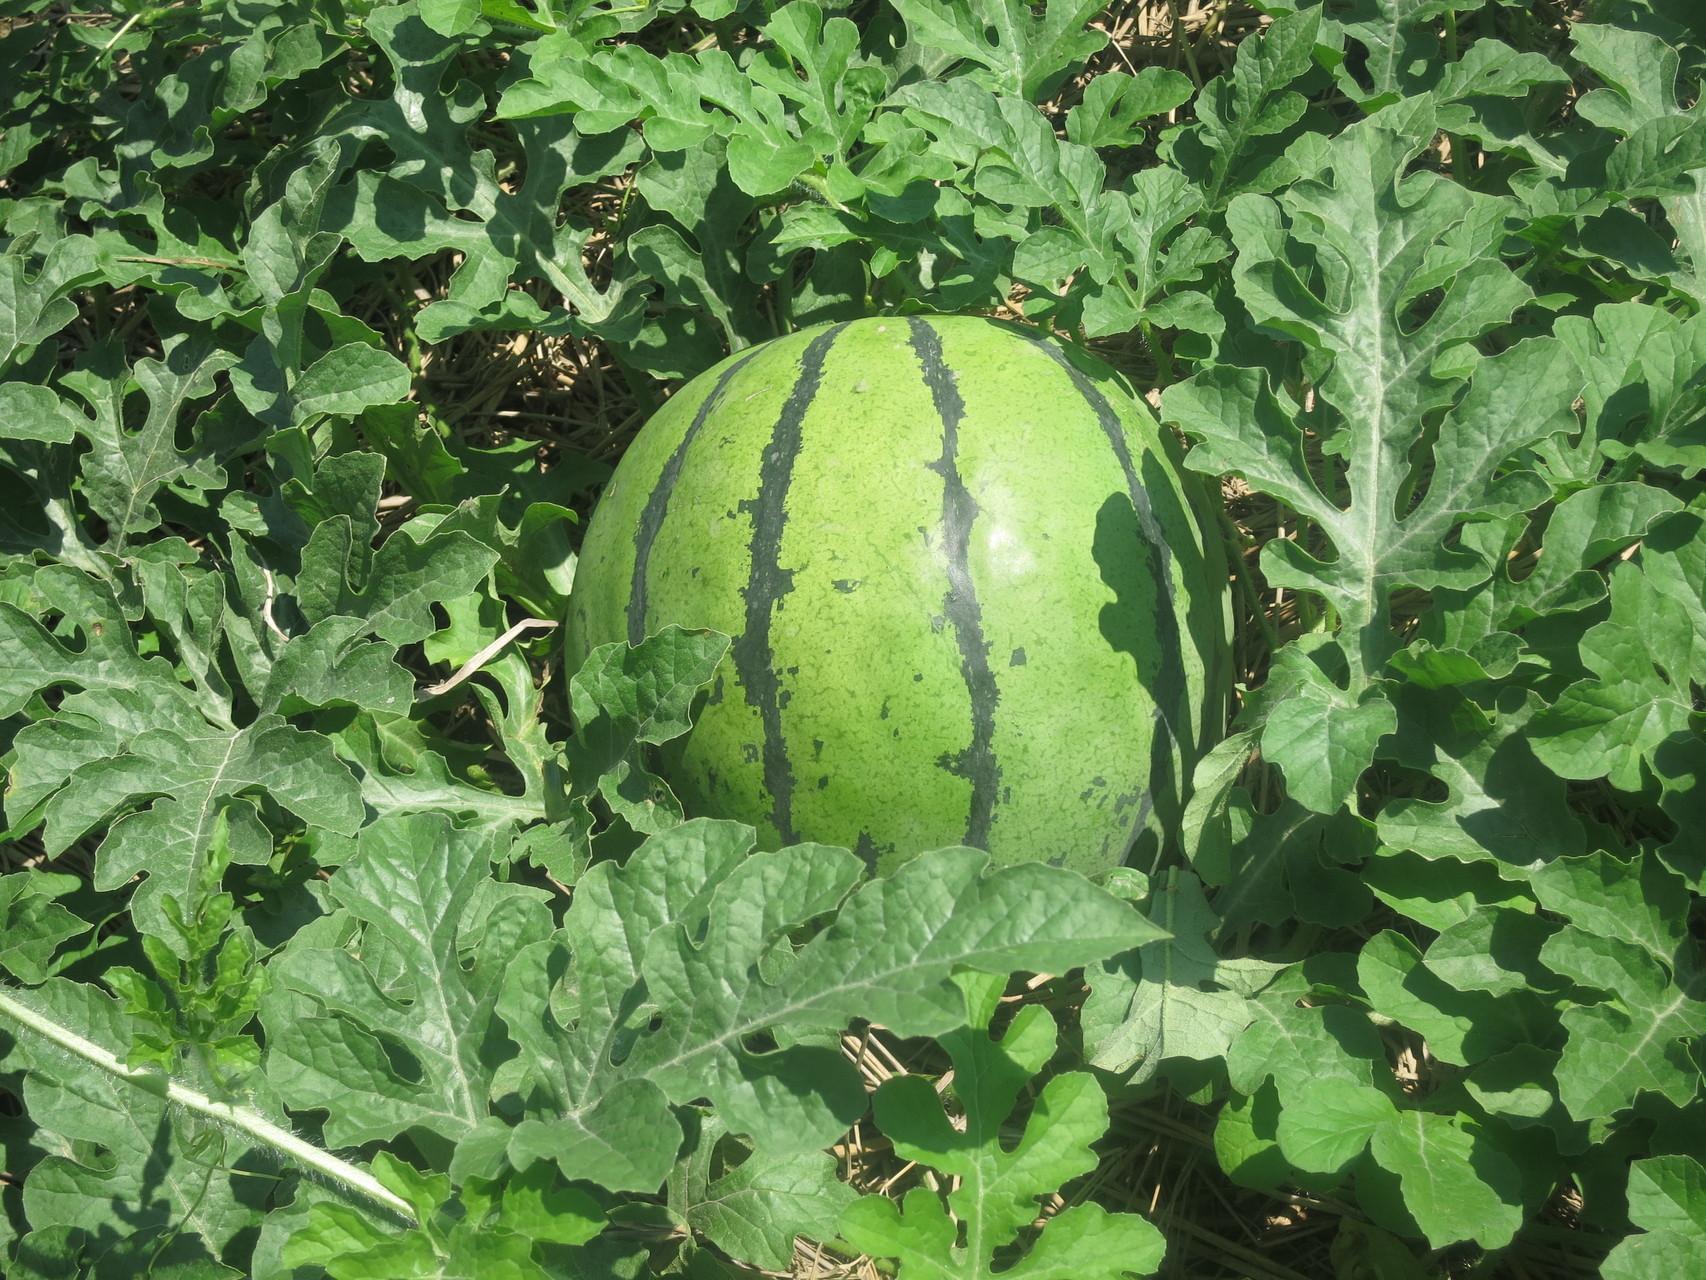 大きなスイカ発見!これも収穫させていただきました。